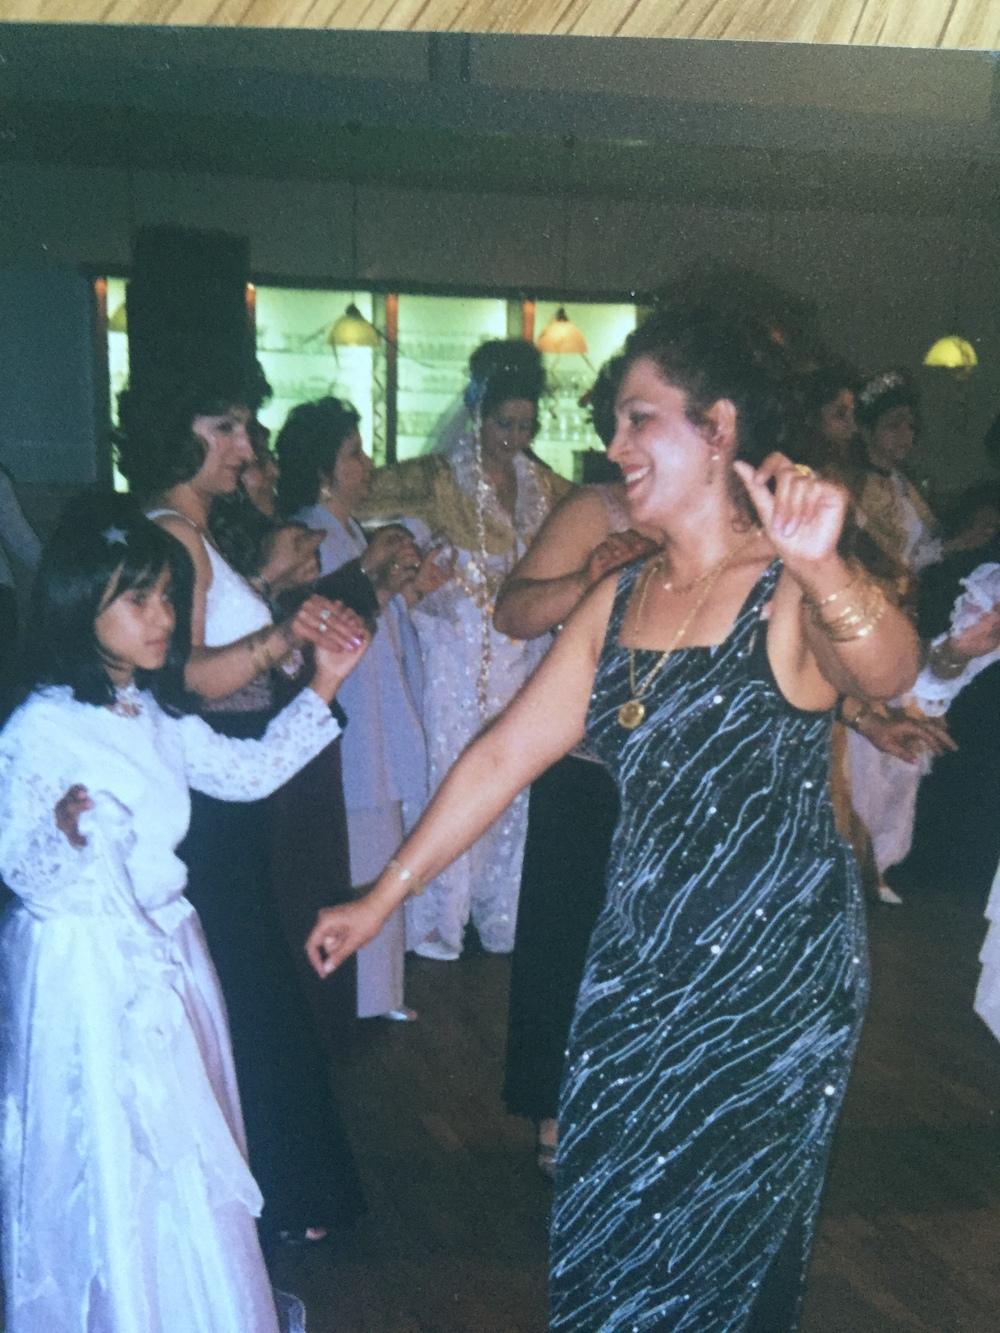 Någonstans i oktober år 2004 åkte vi till Tyskland för att min kusin gifte sig. Det var rätt tufft att förklara för släkten vad som pågick med mig, särskilt med peruken. Denna bilden visar hur stark mamma försökte vara och försökte uppmuntra mig.